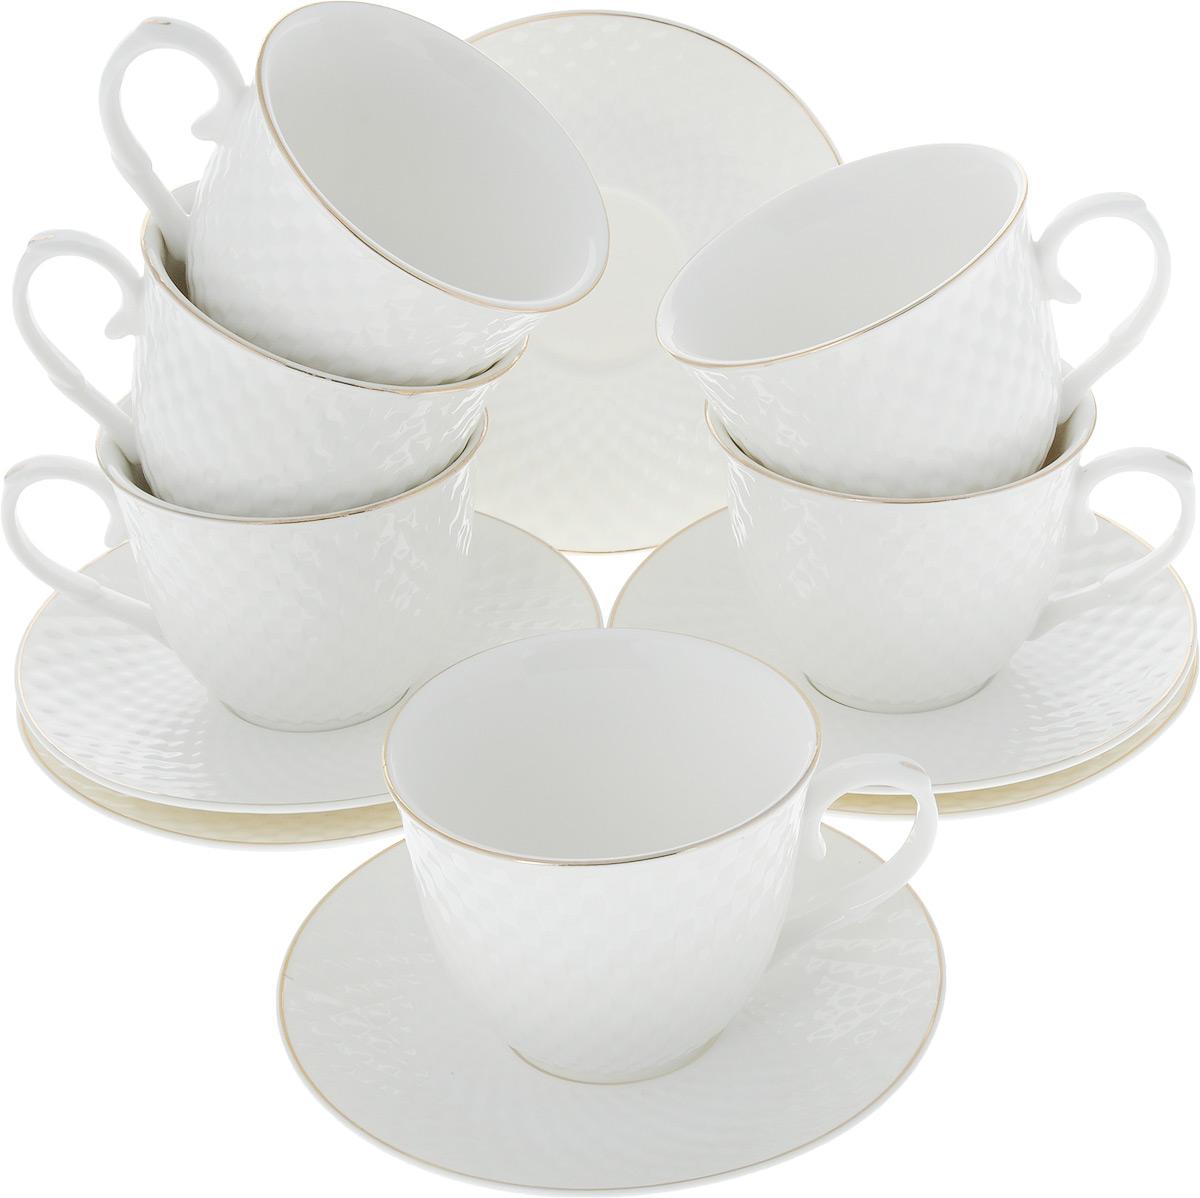 Сервиз чайный Loraine, 12 предметов. 26507 сервиз чайный loraine на подставке 13 предметов 43285